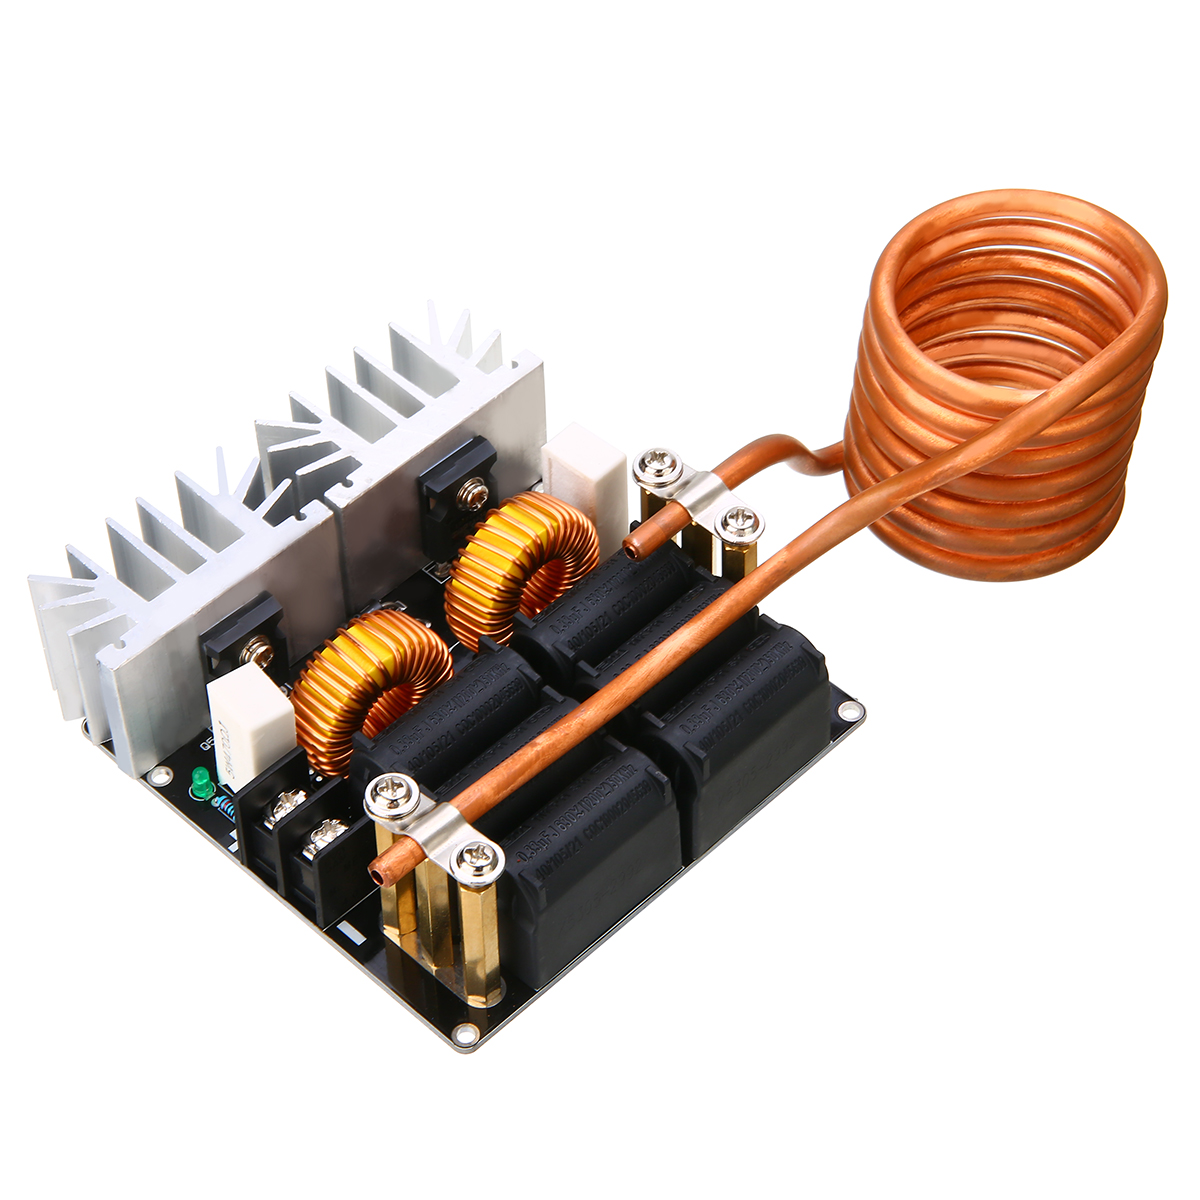 1 pièce/ensemble Durable ZVS 1000 W basse tension Induction Module de chauffage panneau bricolage chauffage avec bobine Tesla pour le traitement de chauffage